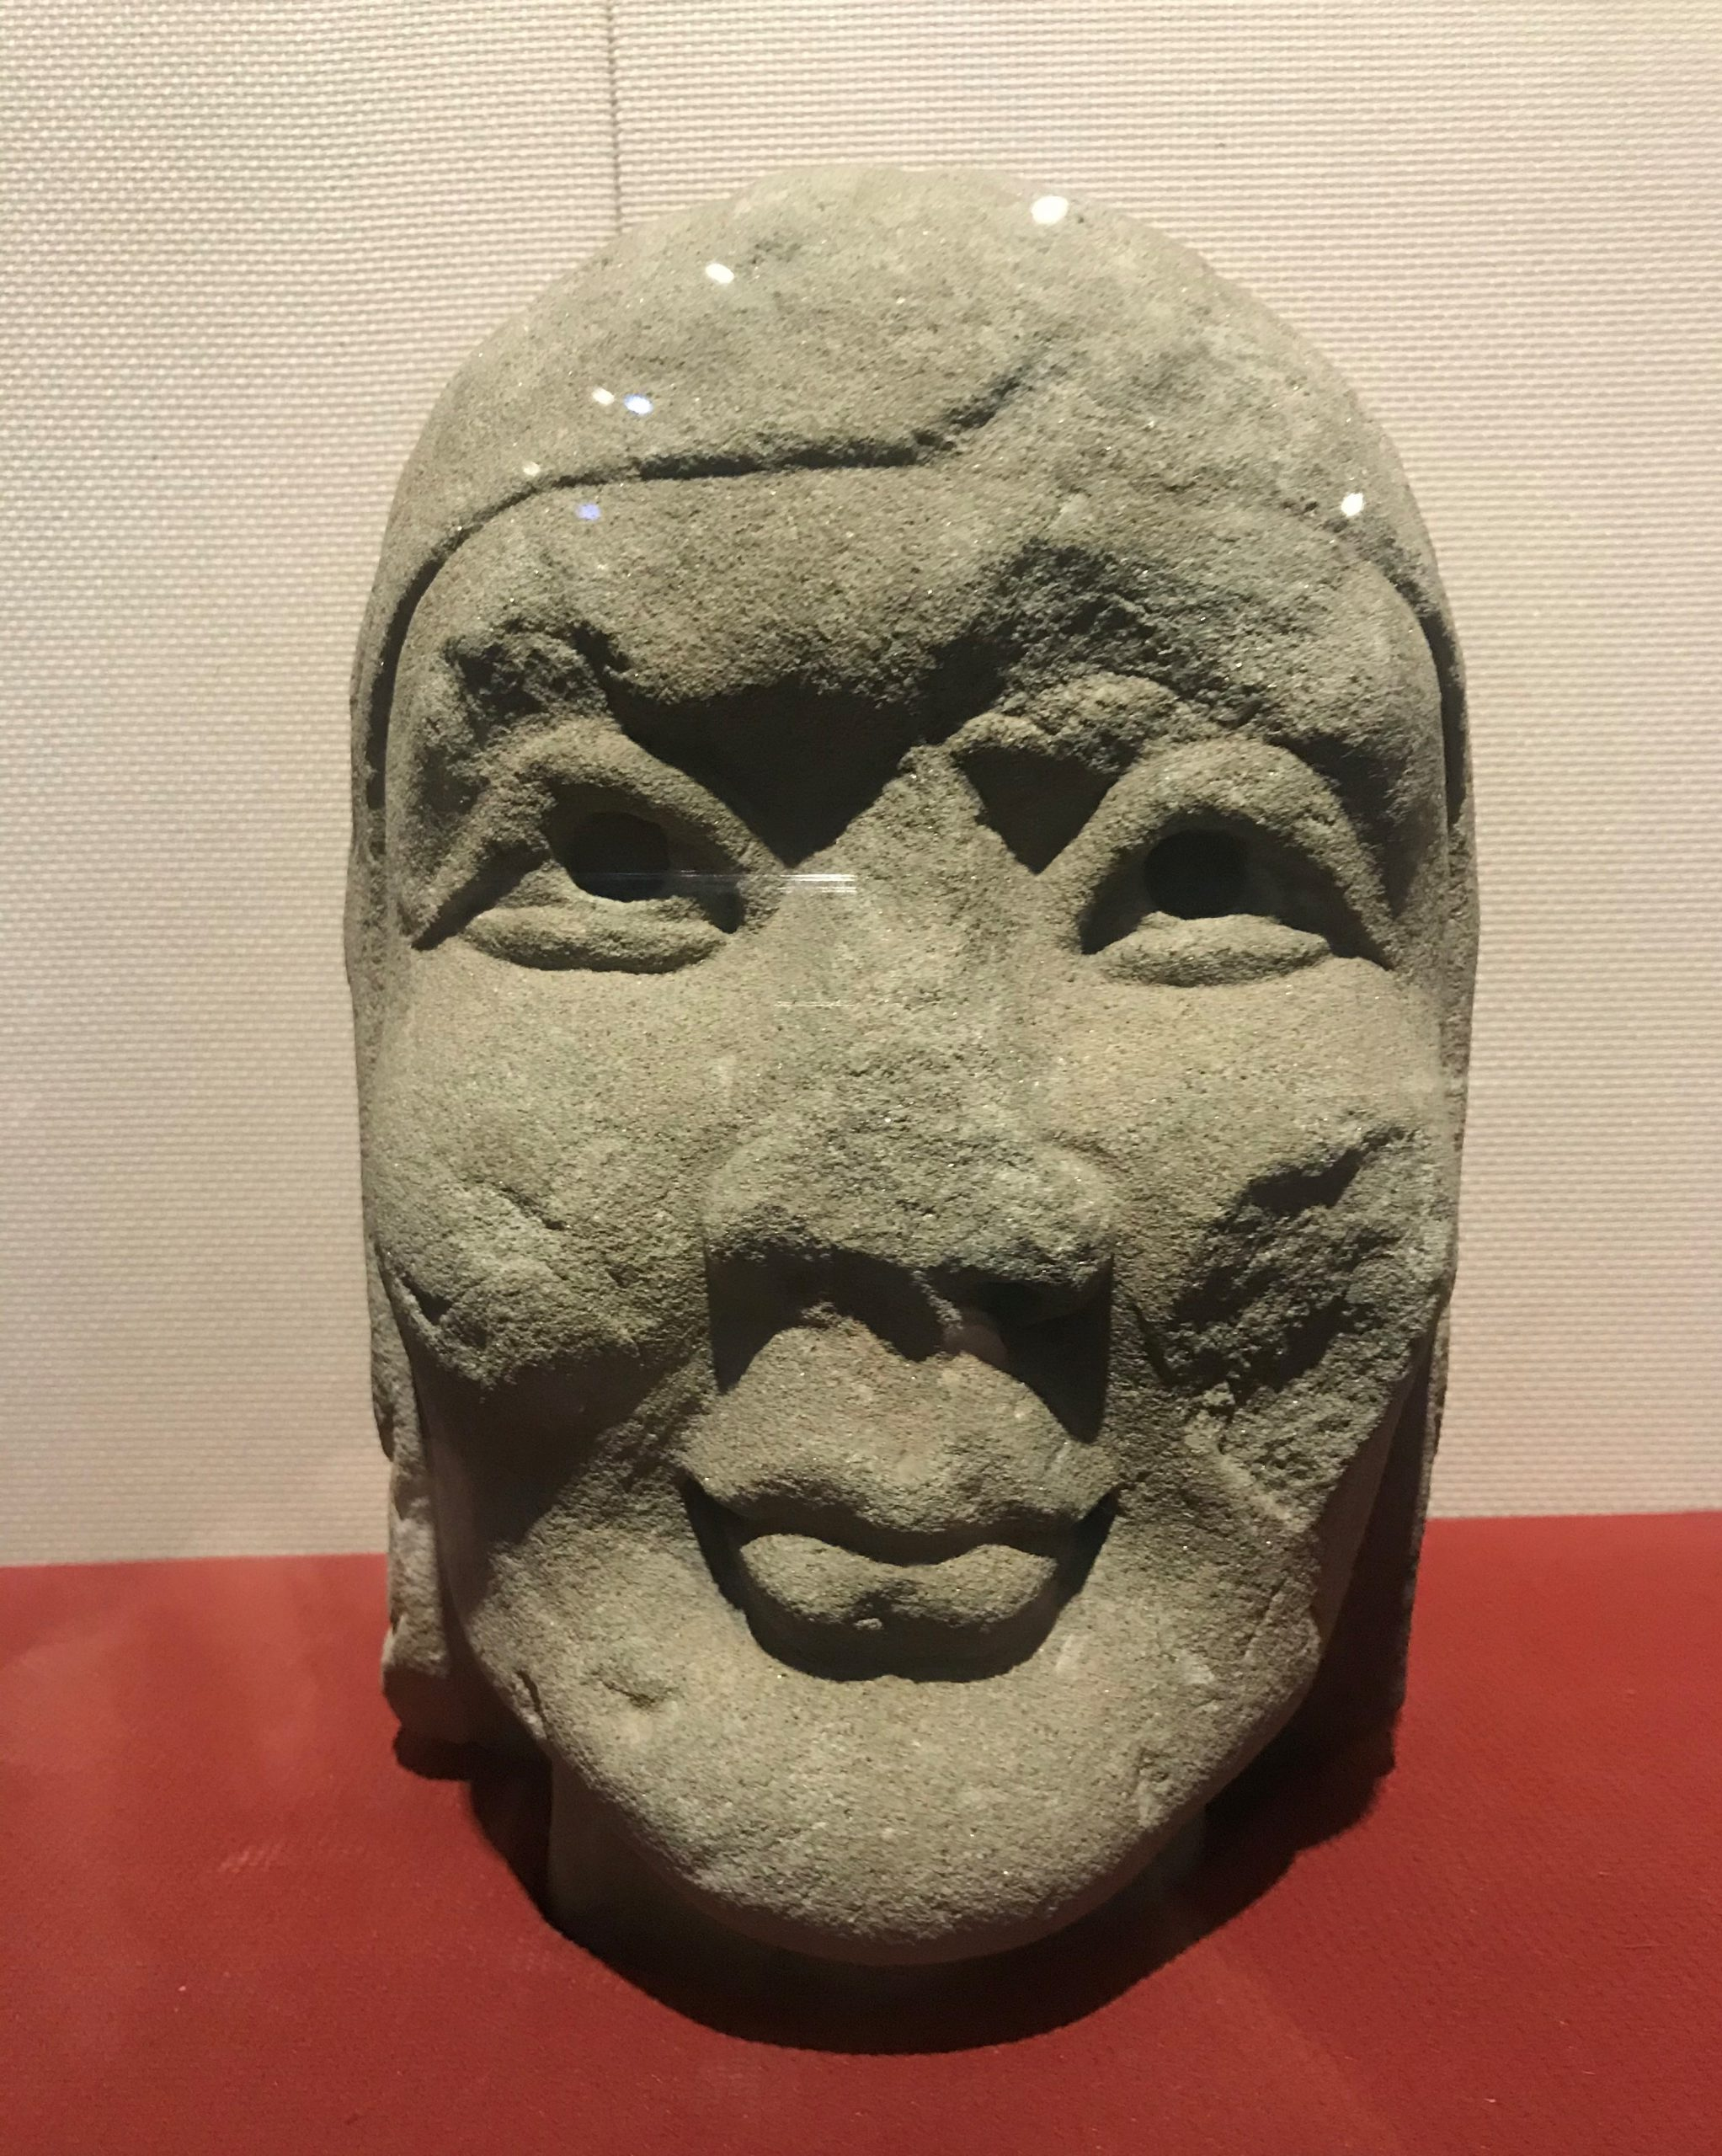 弟子頭像-唐期末・五代-四川万仏寺石刻館-四川博物院-成都